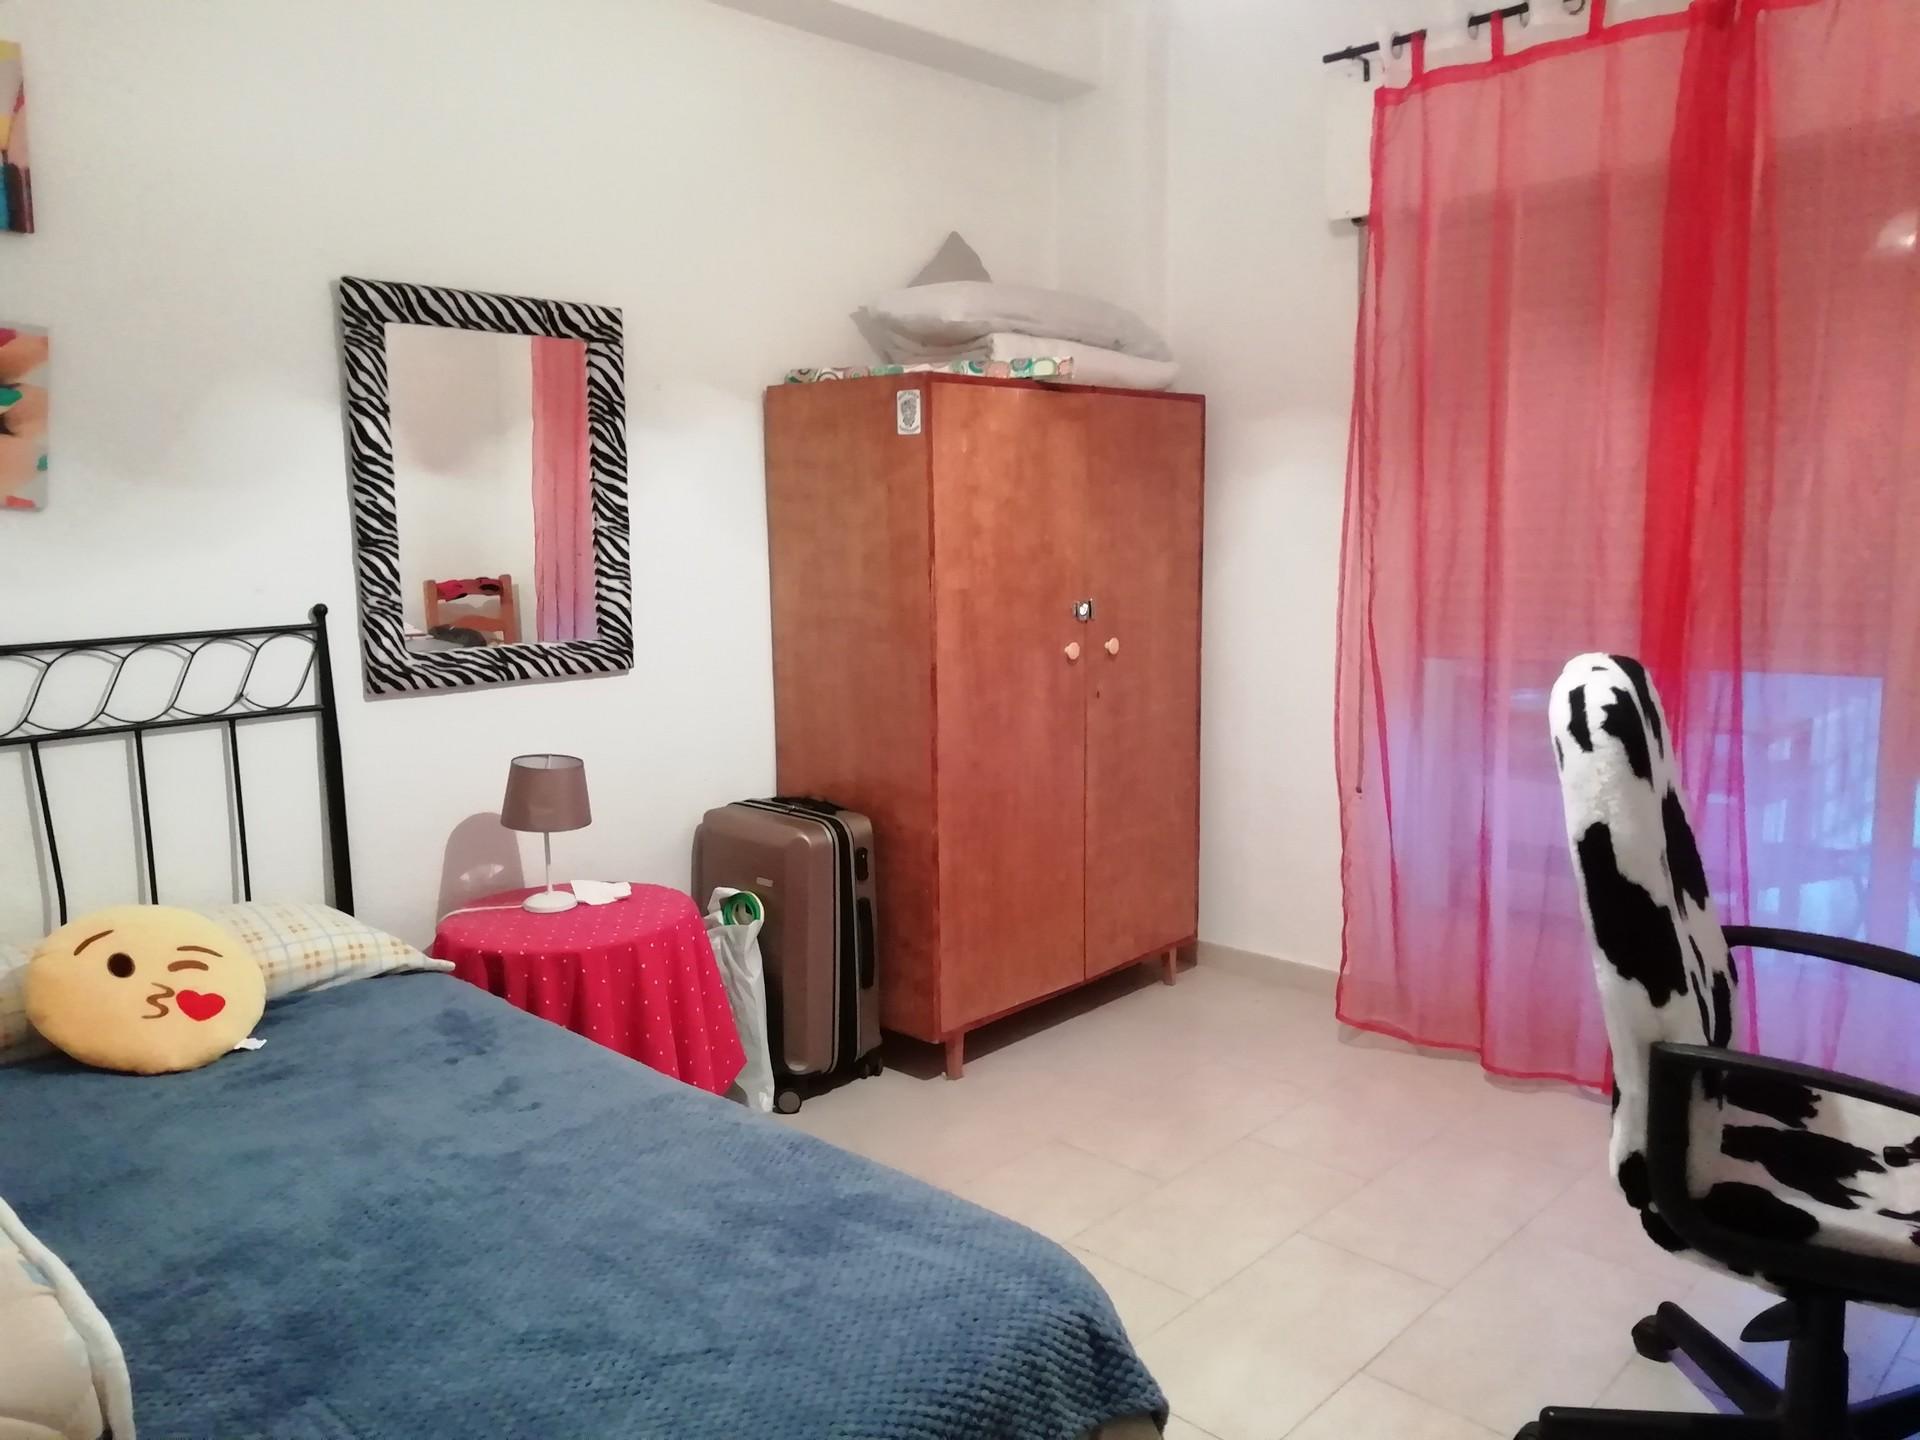 Habitación amplia y cómoda. Buena iluminación